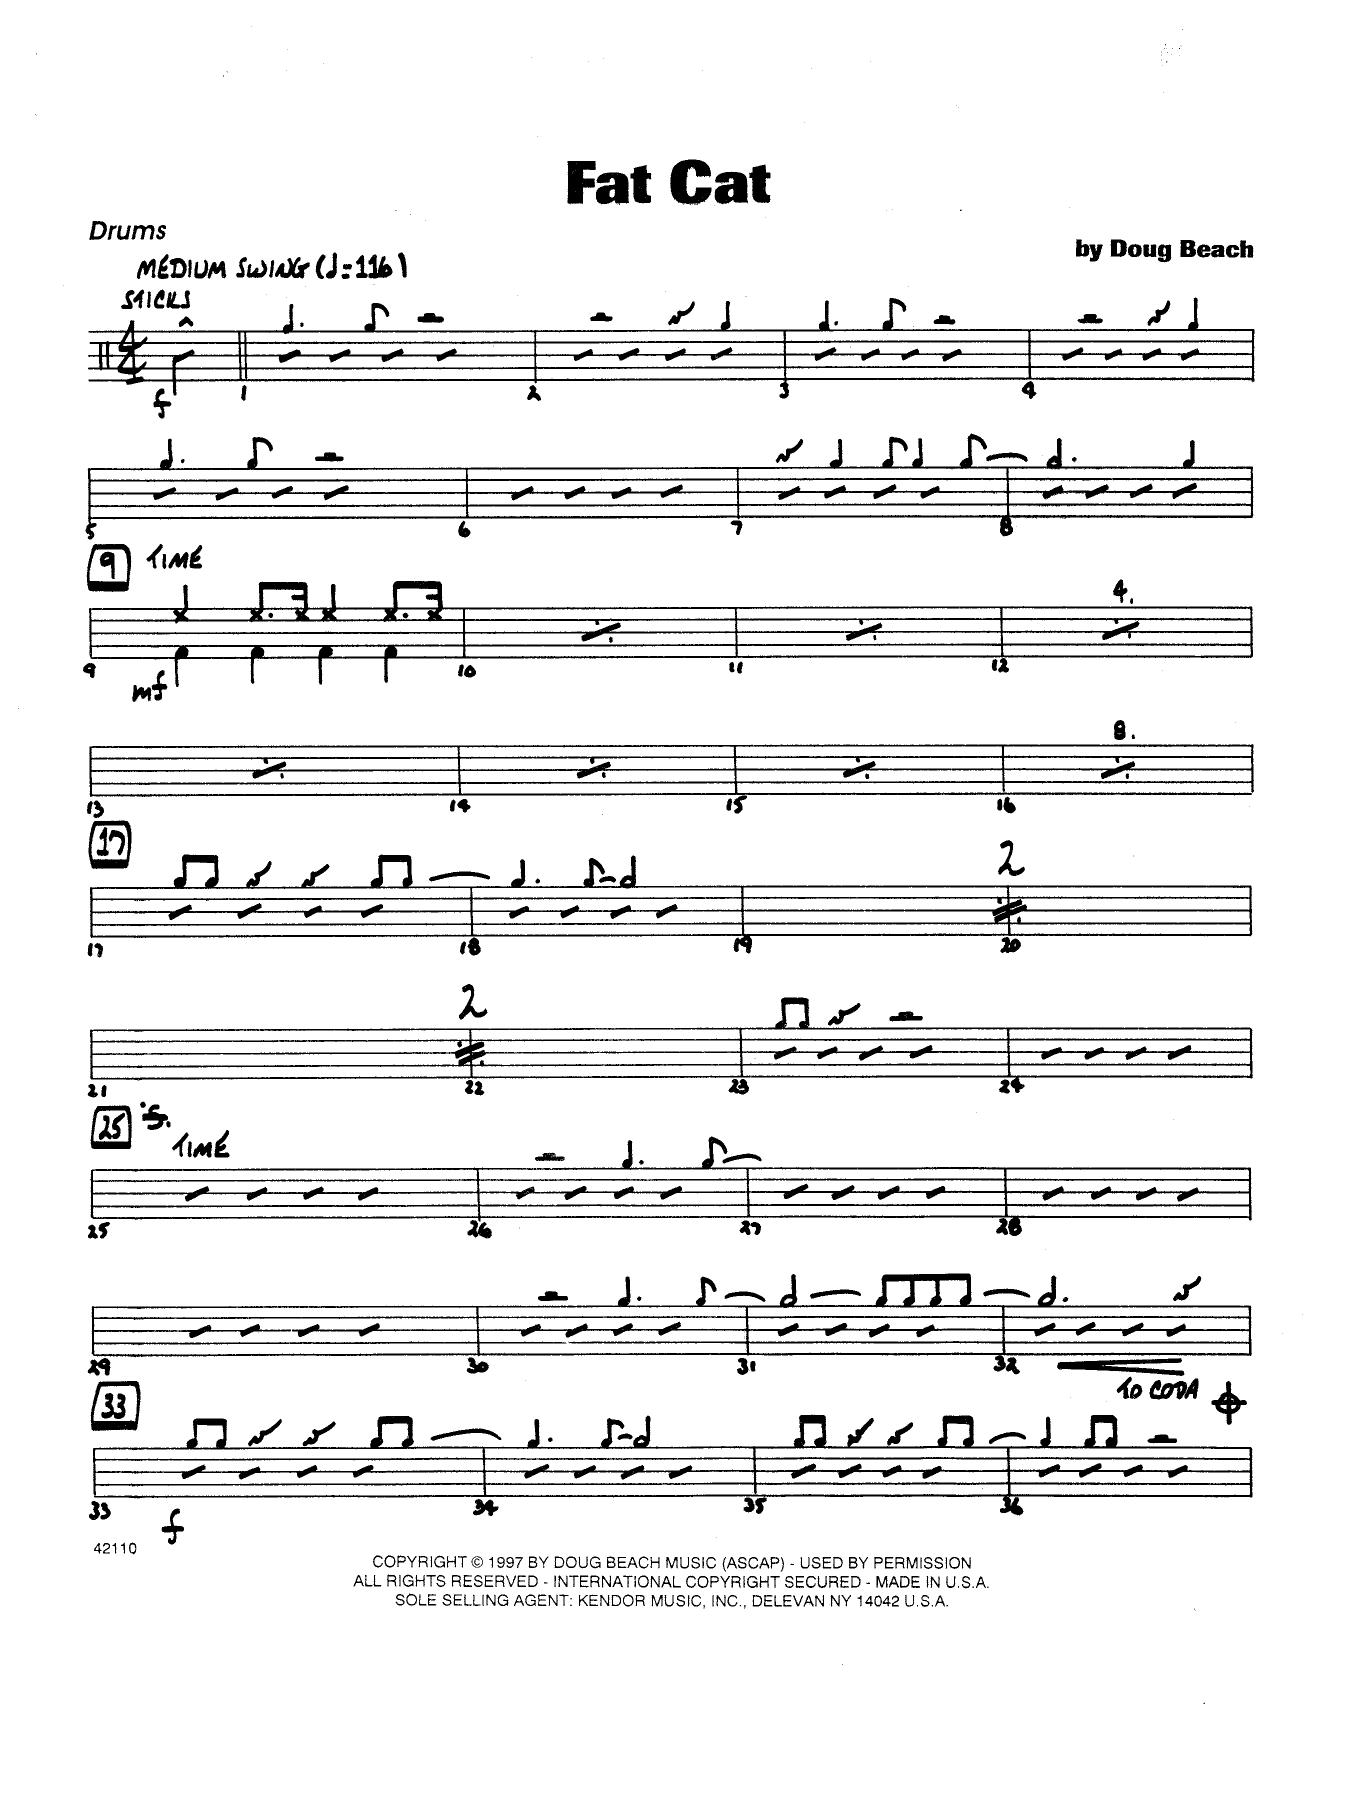 Fat Cat - Drums Sheet Music